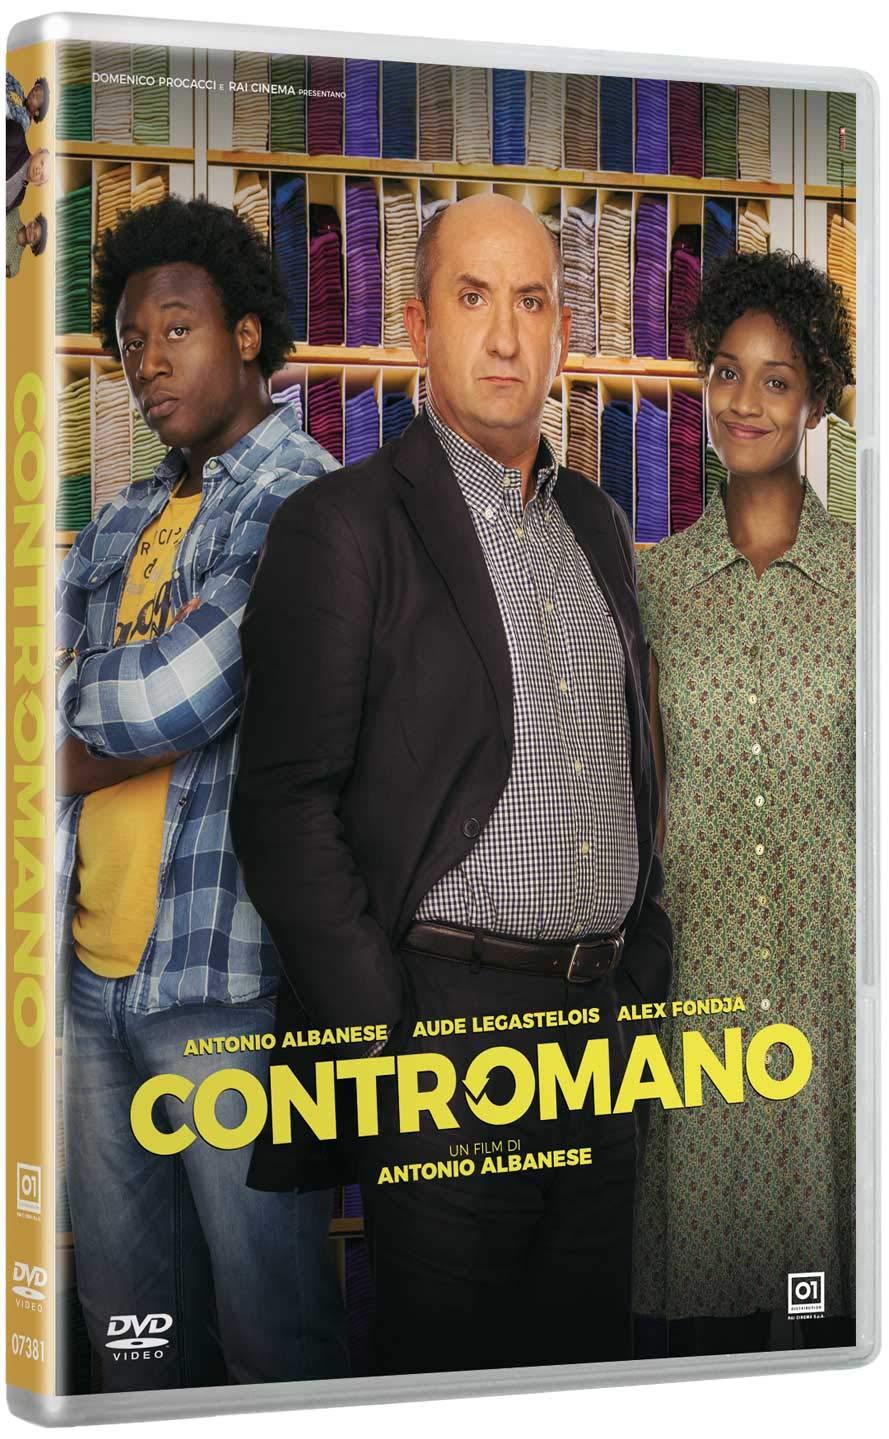 CONTROMANO (DVD)